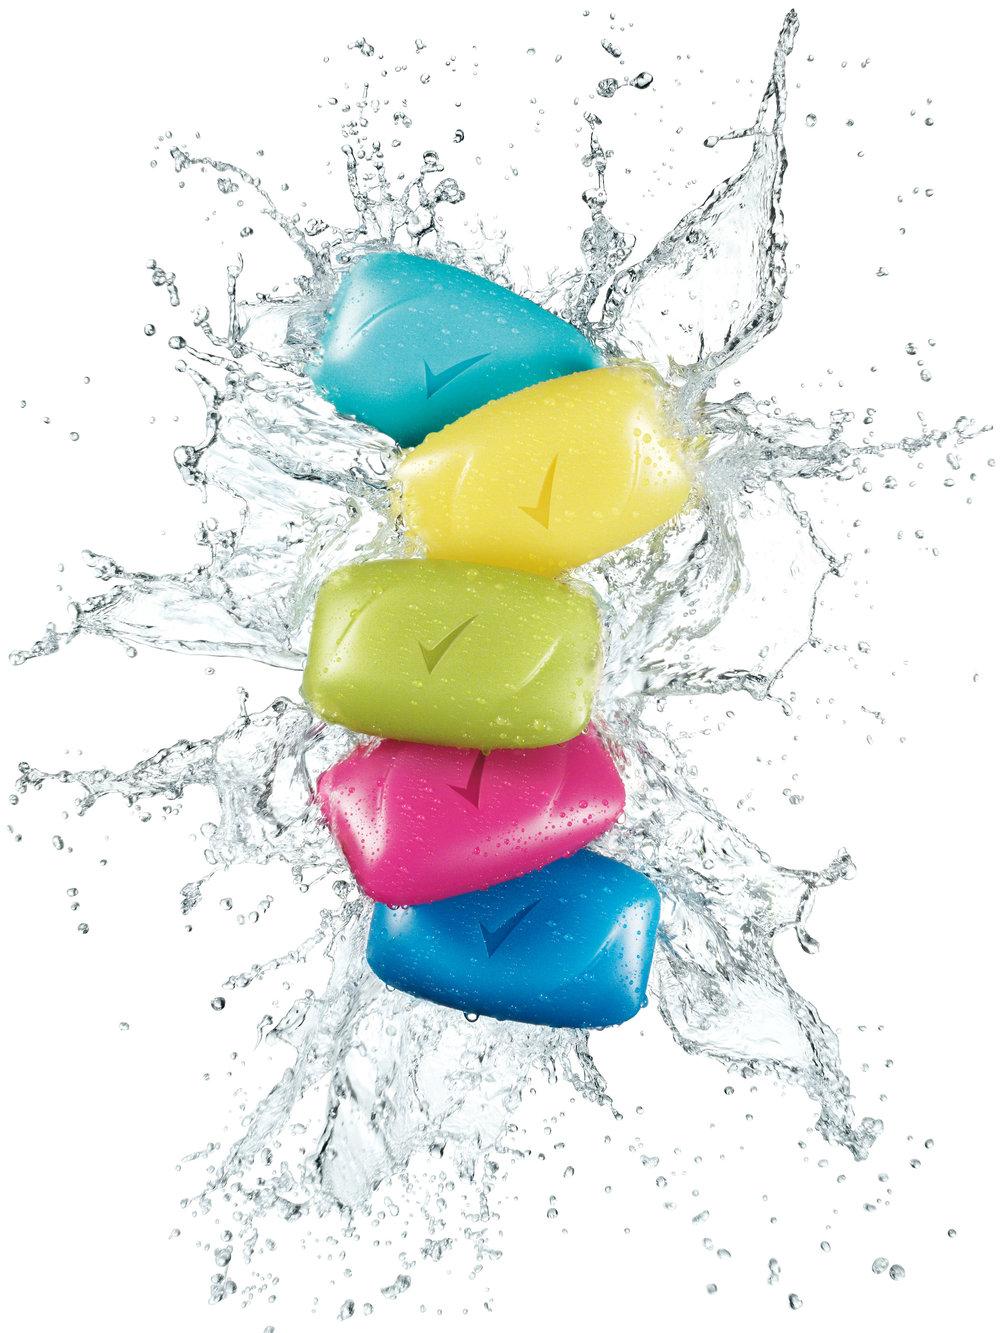 22727-RP_REXONA_5 Soap Group_CMYK_300dpi.jpg